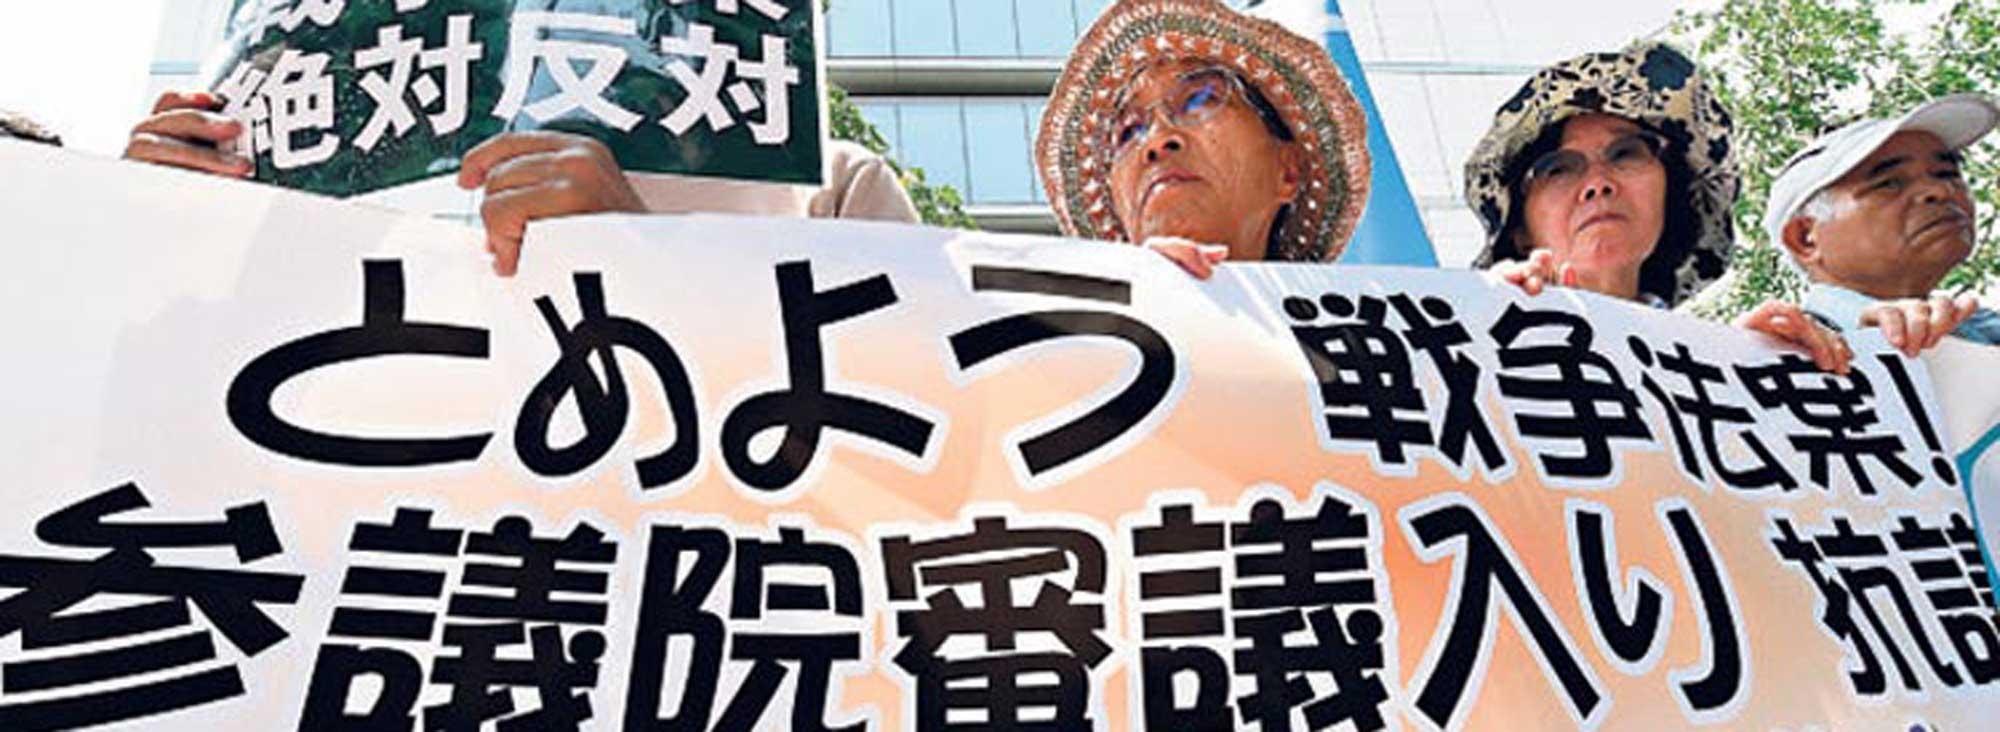 2015_08_02_protesta1